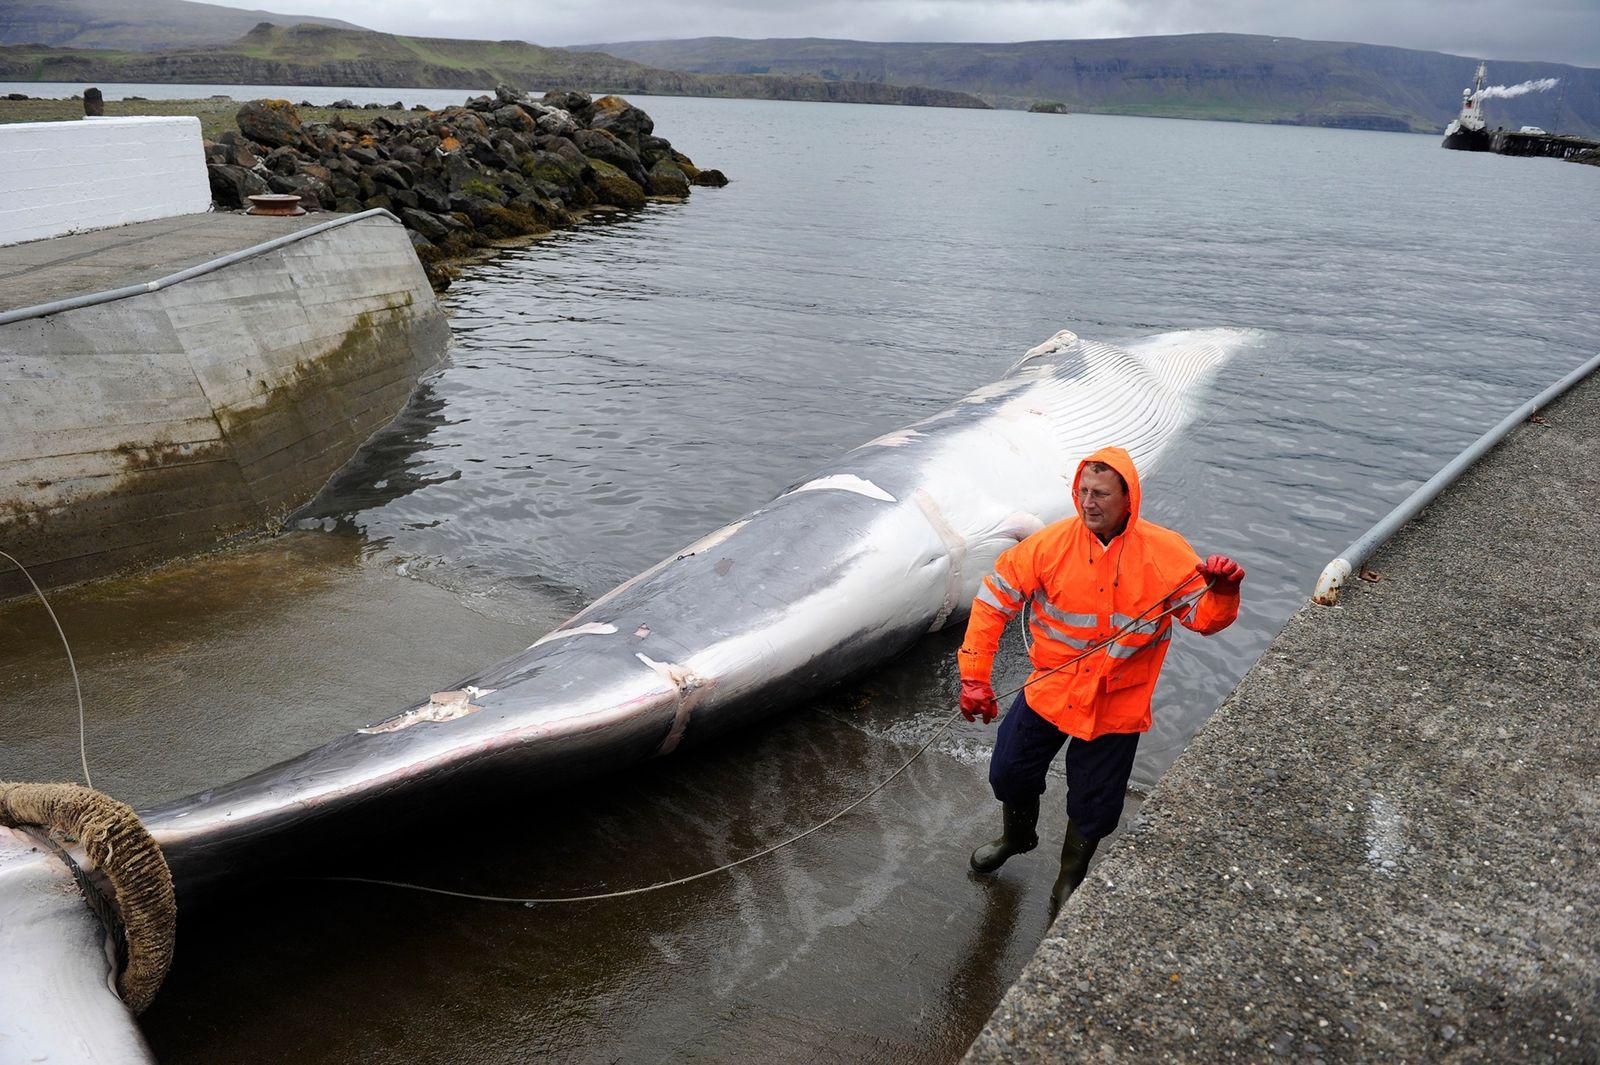 La chasse à la baleine pourrait bientôt prendre fin en Islande